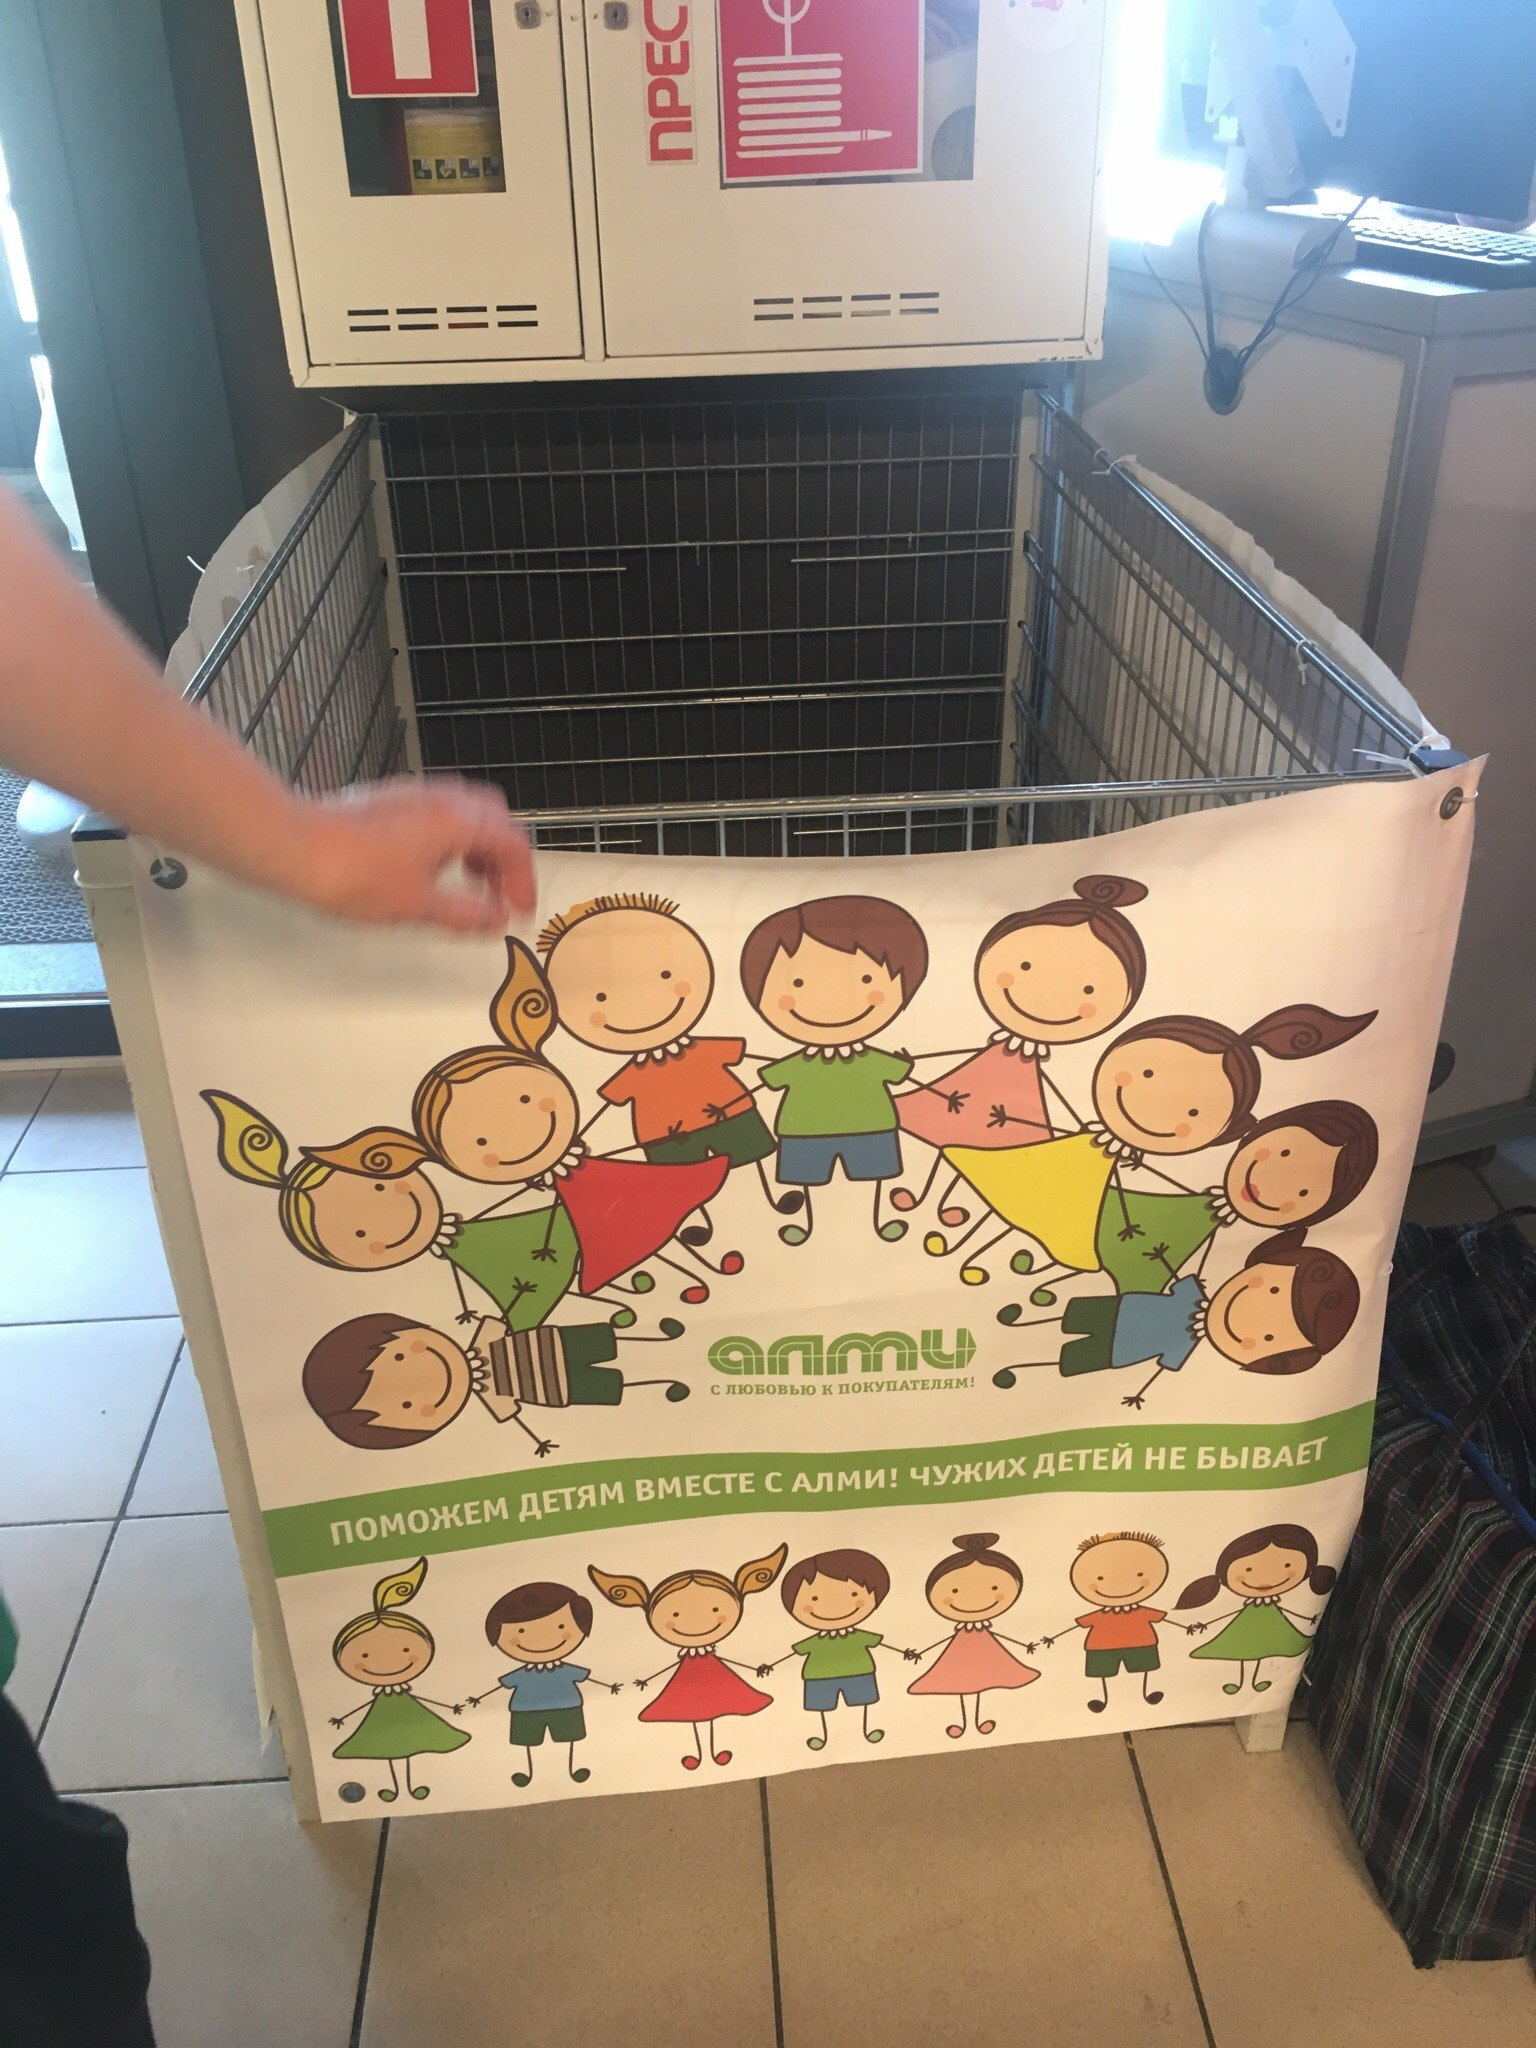 В компании Алми и Интерспар проходила благотворительная акция помощи детям